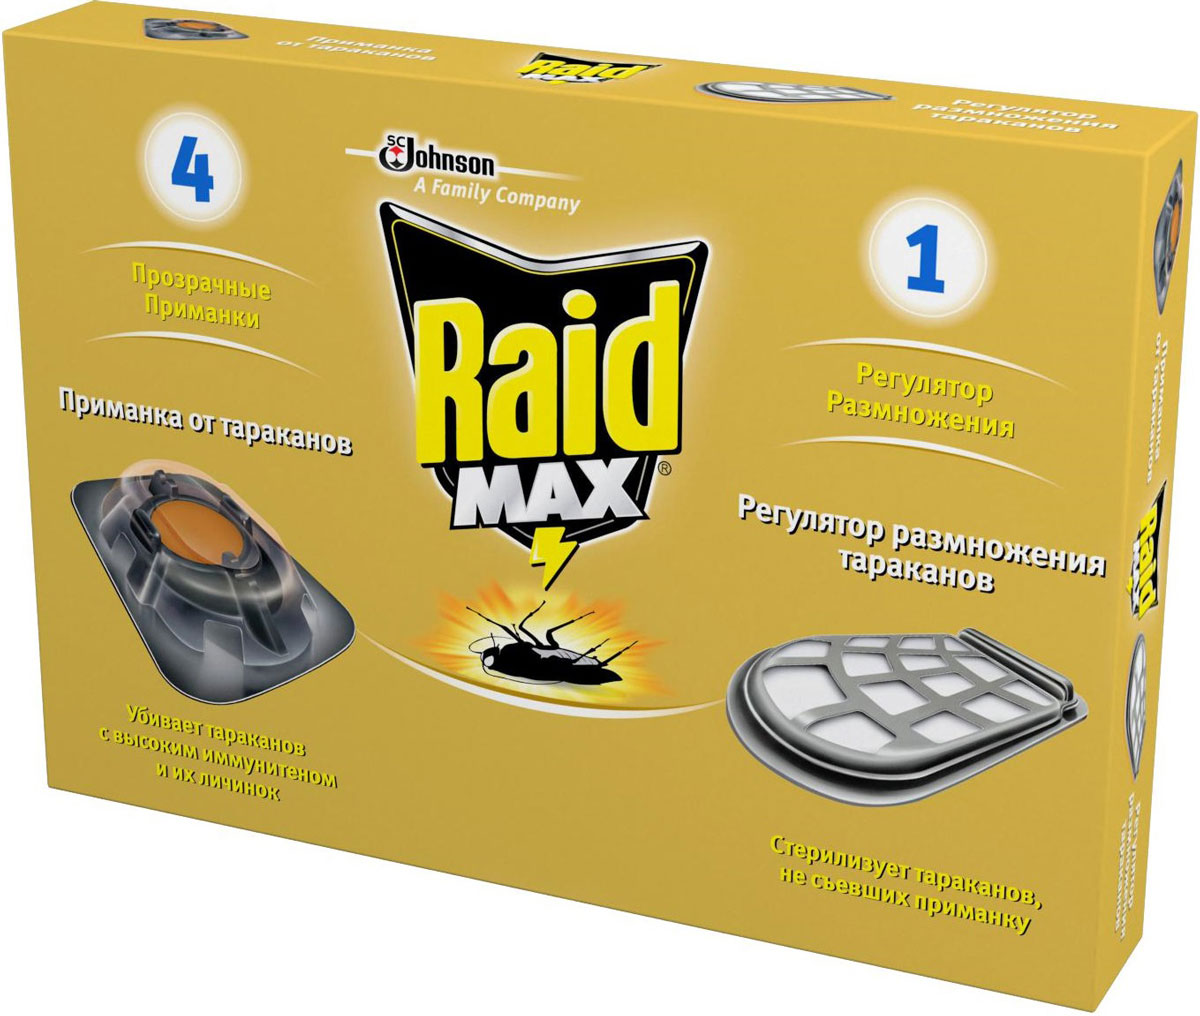 Средство от тараканов Raid Max: 4 приманки, регулятор размножения